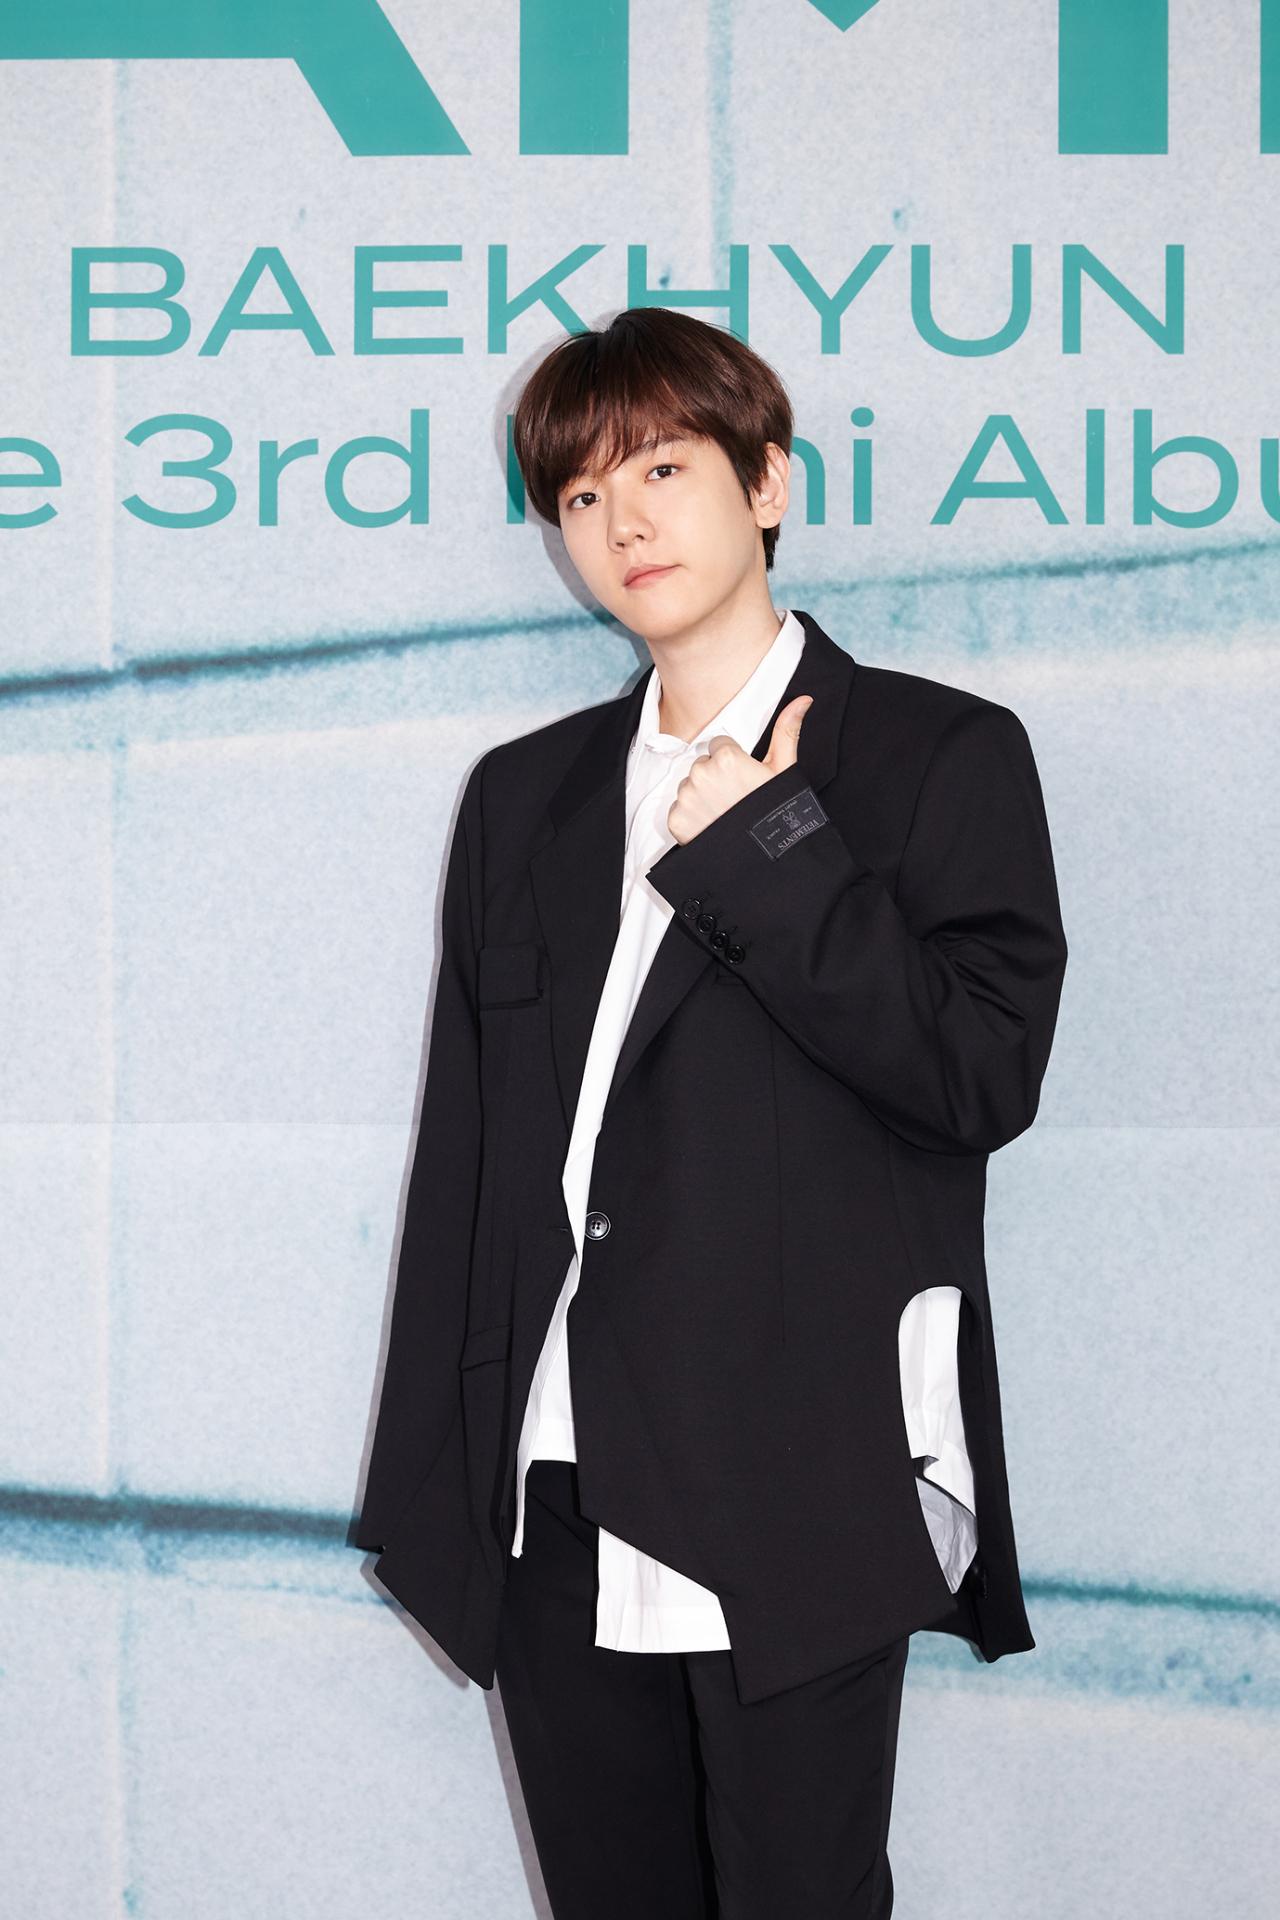 EXO's Baekhyun (SM Entertainment)